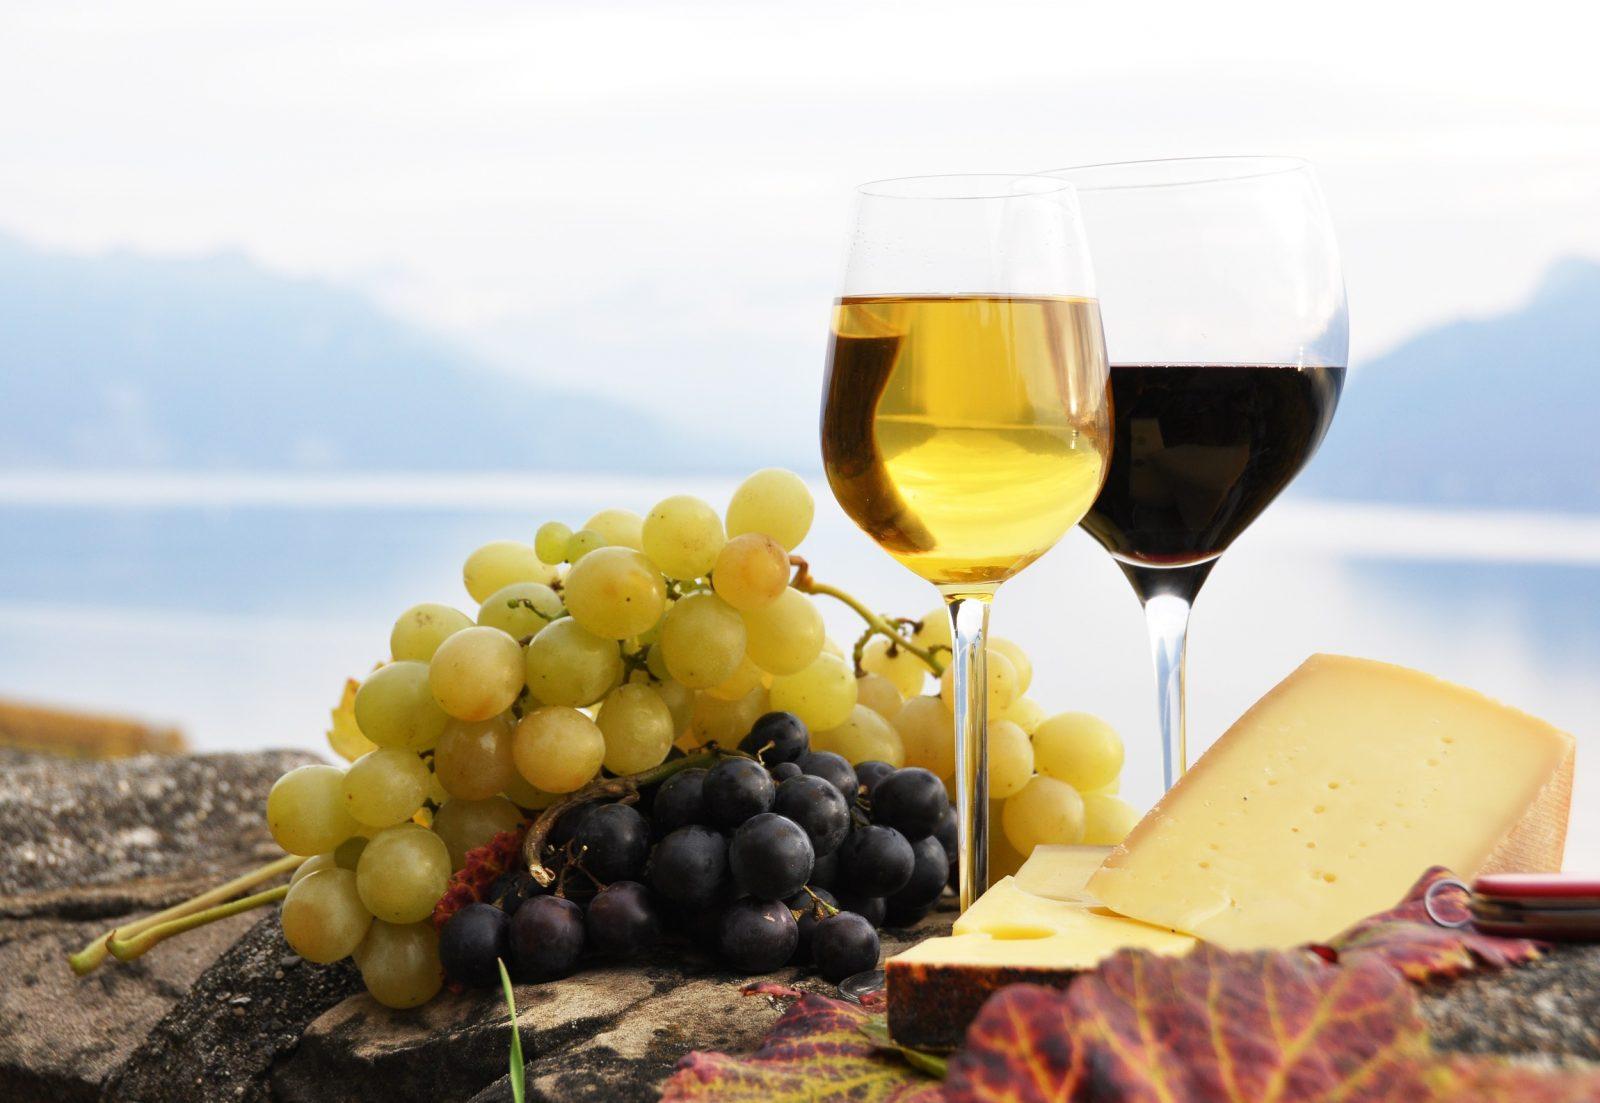 Wein Onlineshop Header - Rotwein und Weißwein, Trauben und Käse